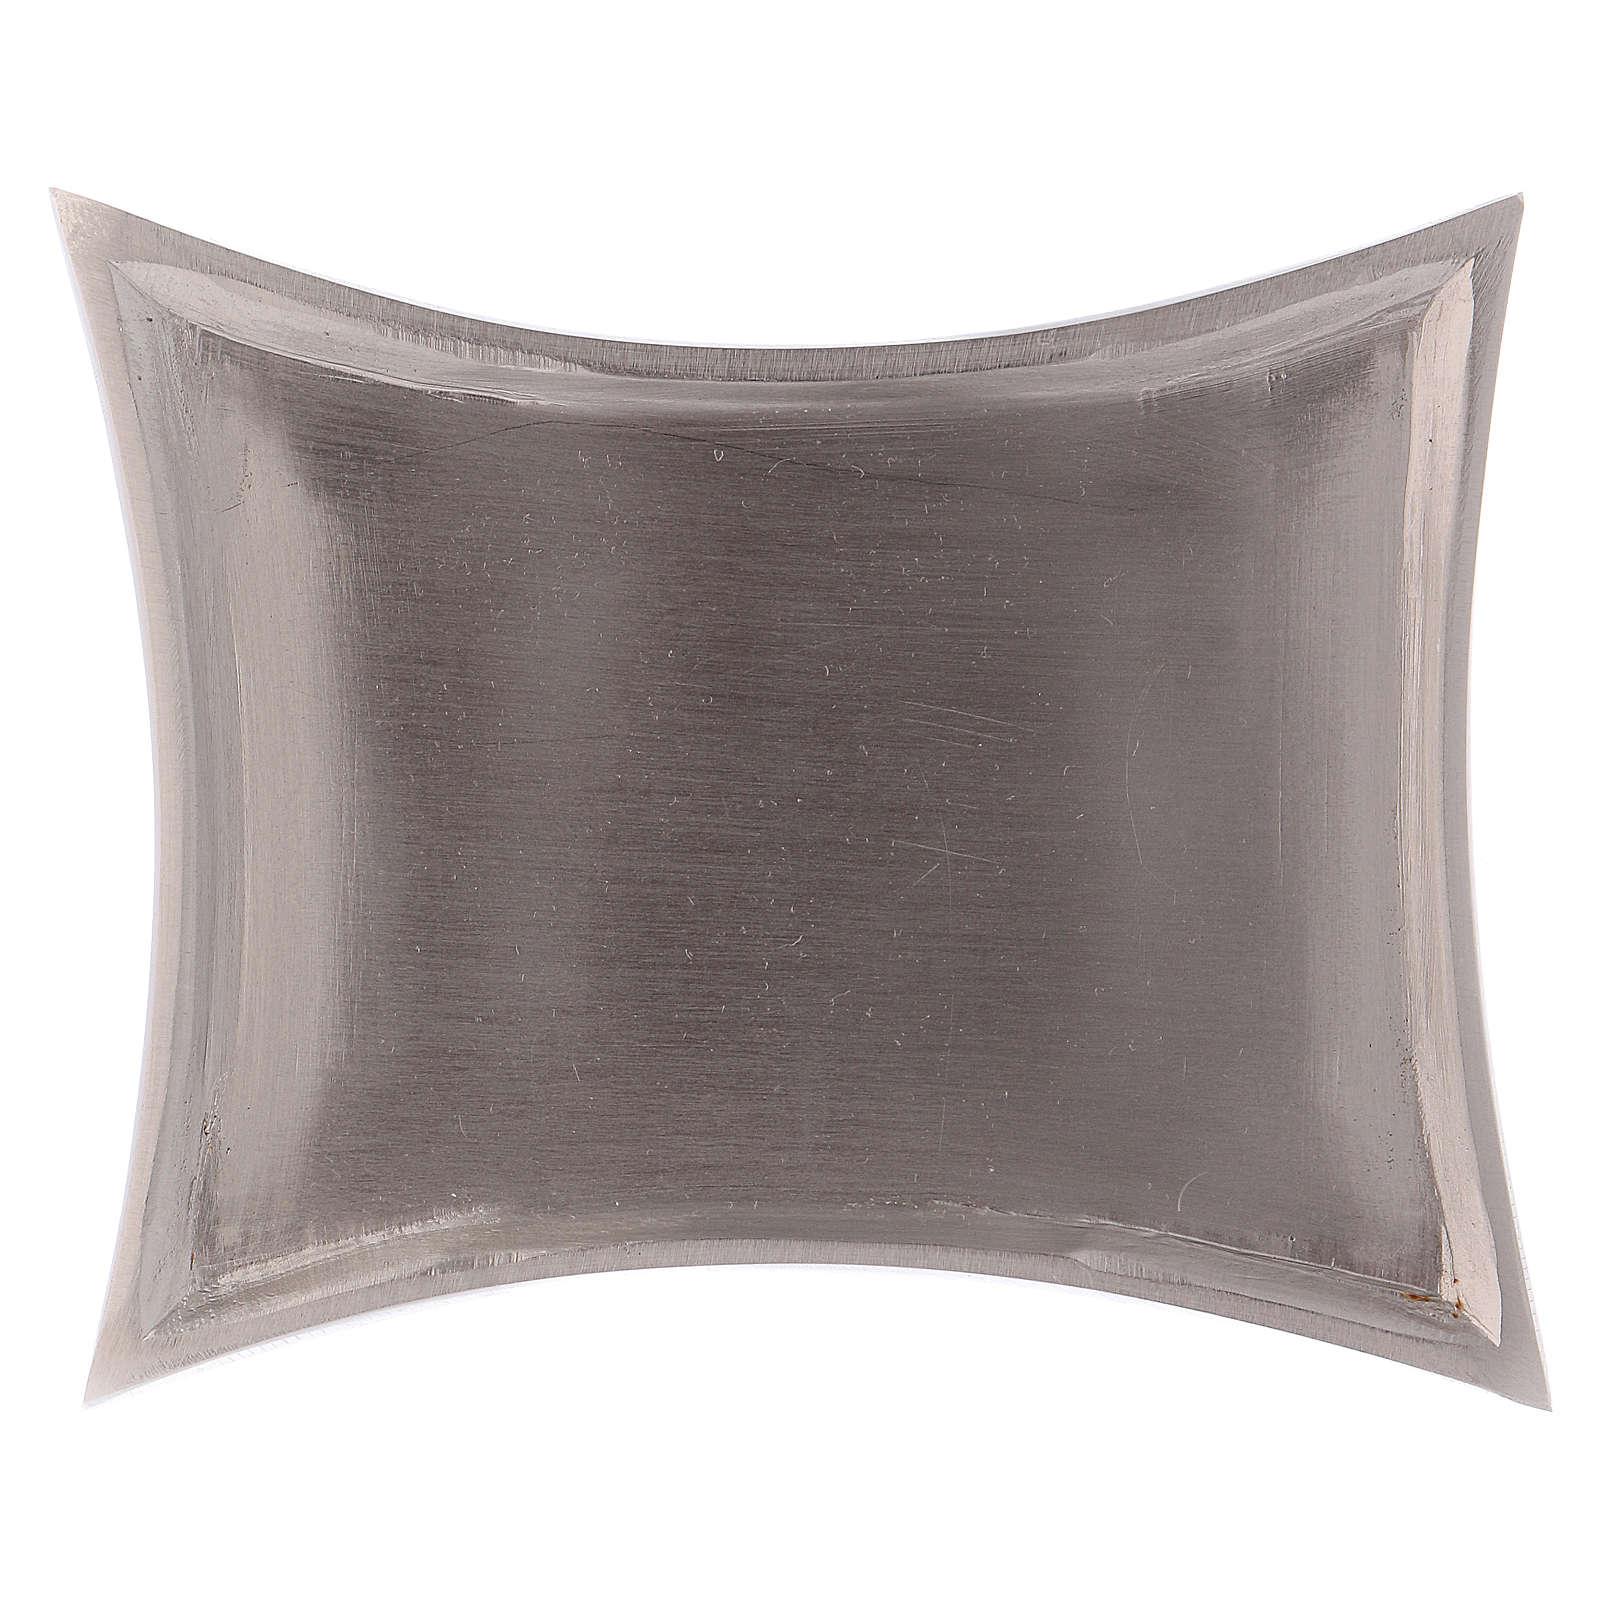 Piattino portacandele rettangolare lati curvi ottone argentato 11x7 cm 3